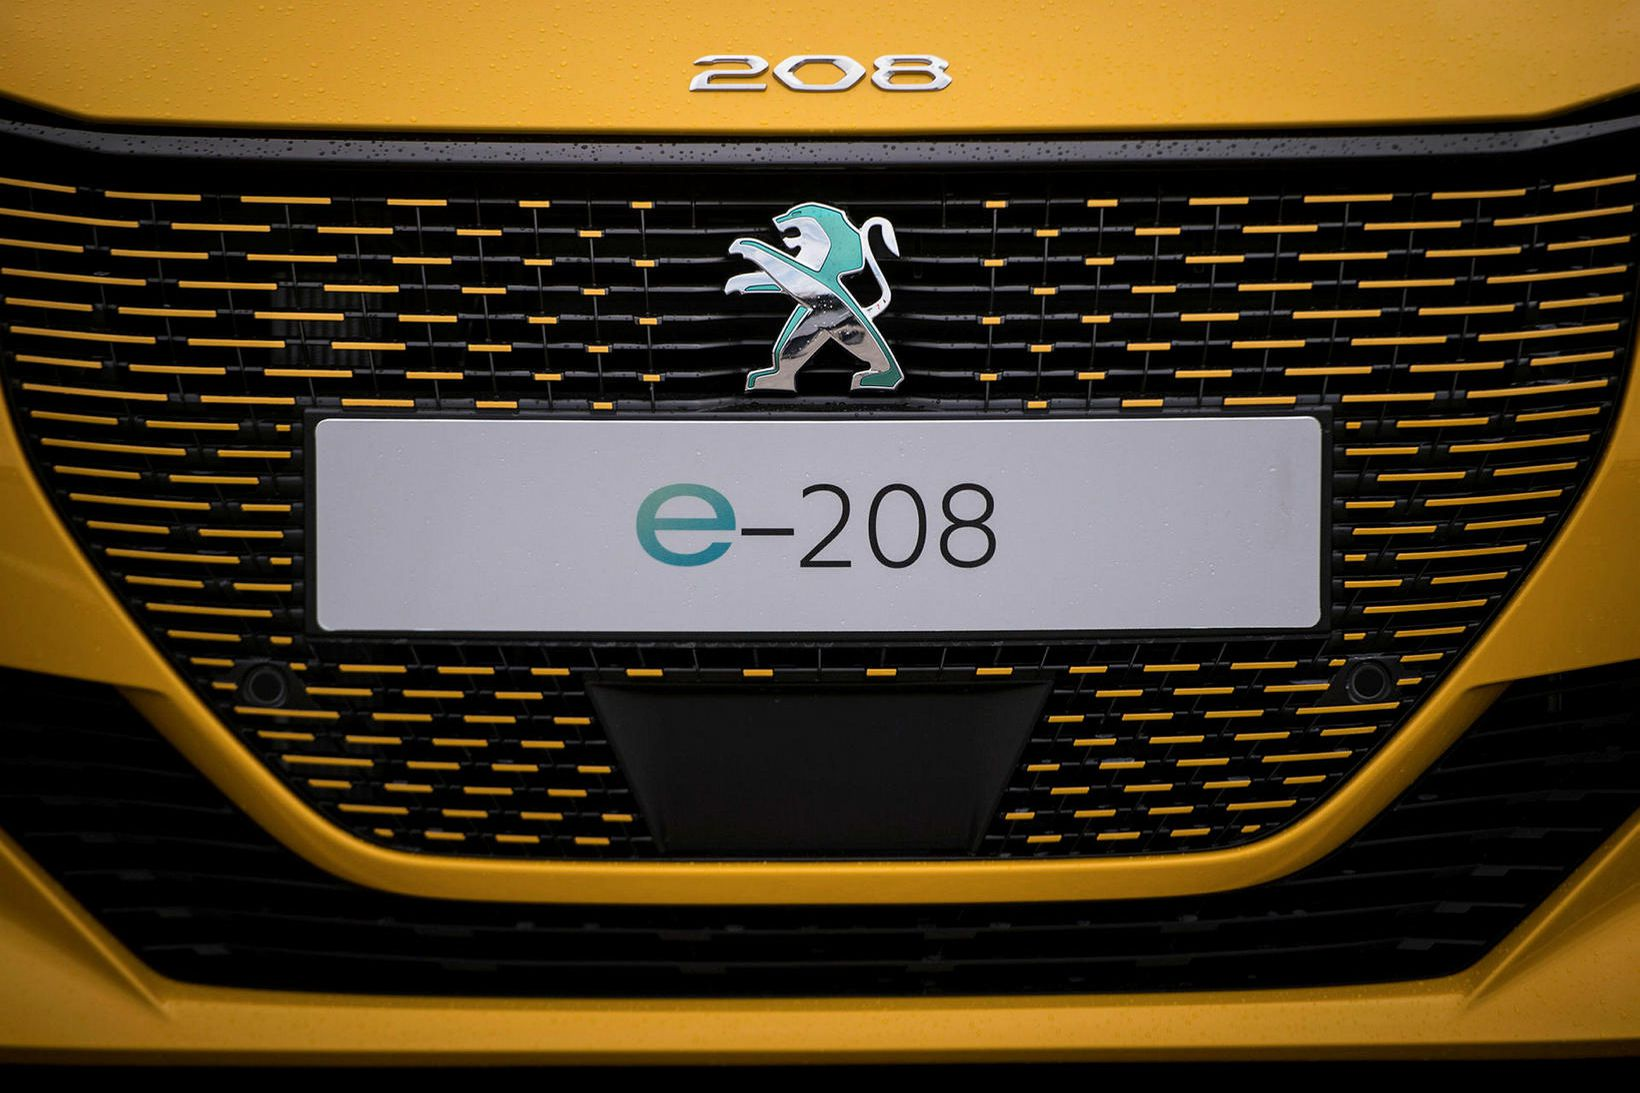 Peugeot e-208 rafbíllinn er nýr í rafbílaflórunni.